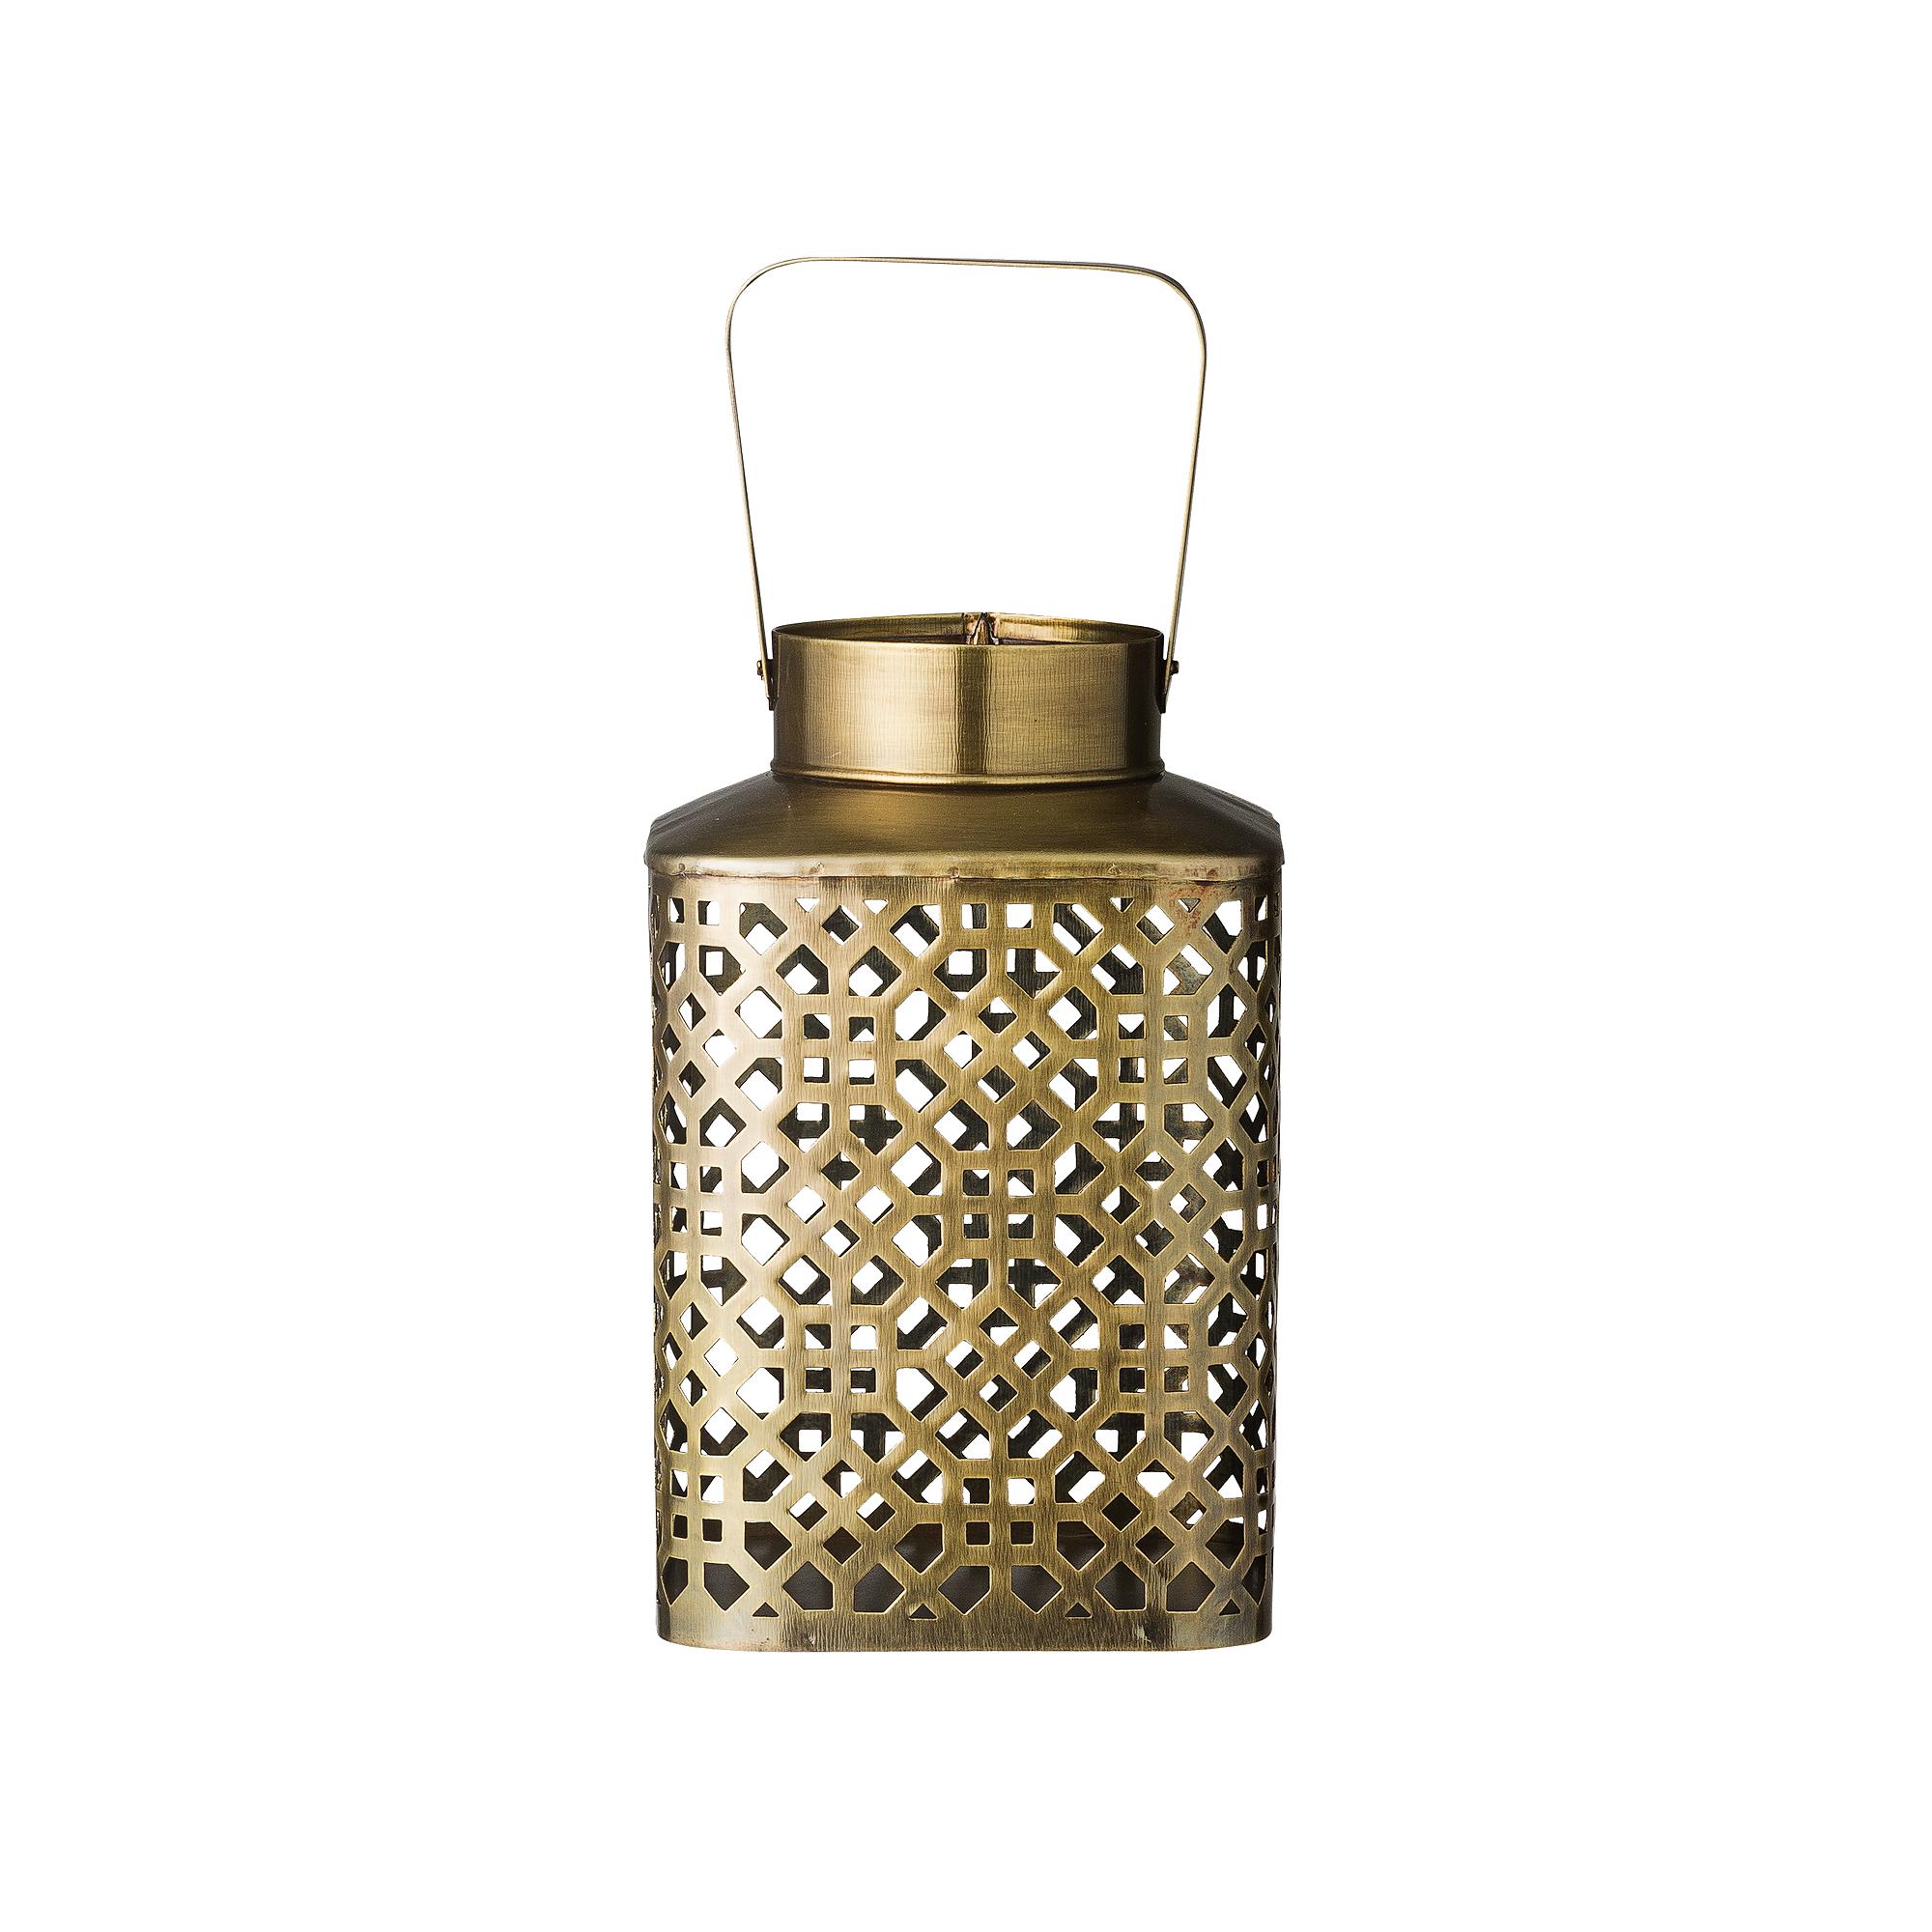 DAYhome Jaipur Lantern gold